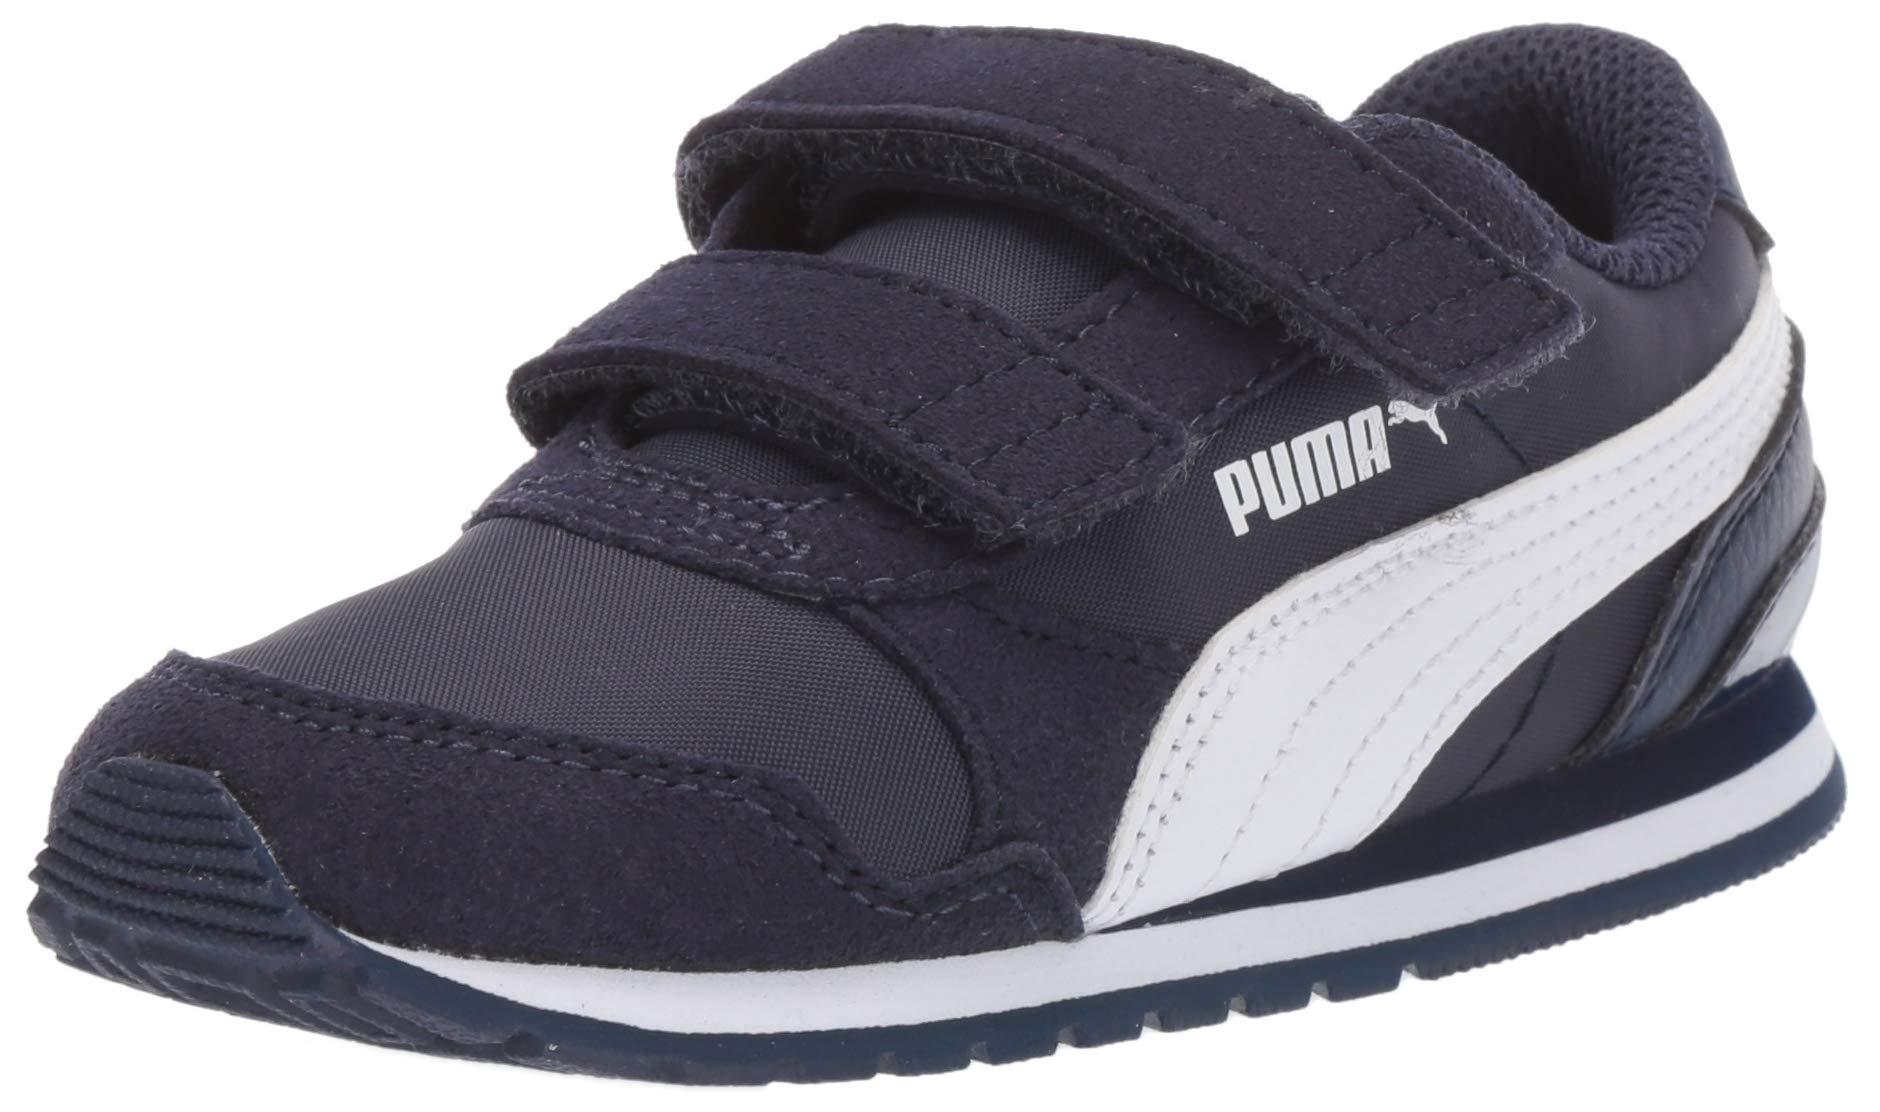 PUMA Unisex ST Runner Velcro Sneaker Peacoat White, 12 M US Little Kid